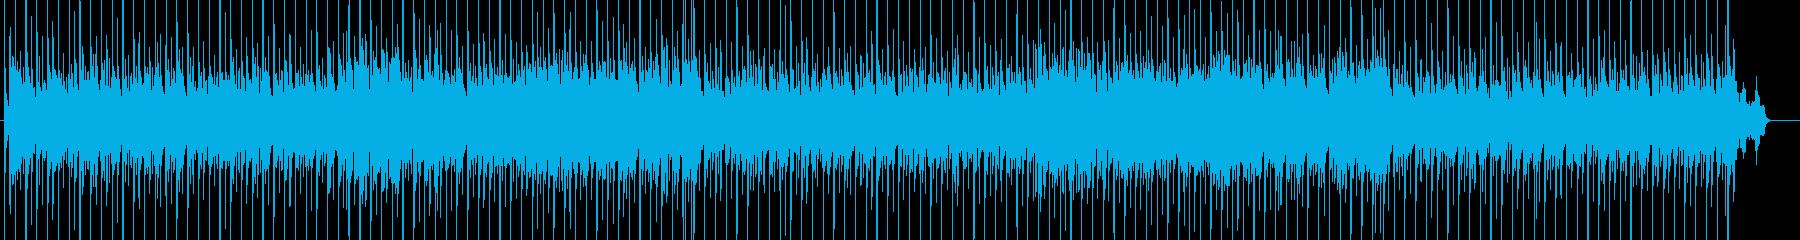 アコギロック7 爽やかな秋の再生済みの波形